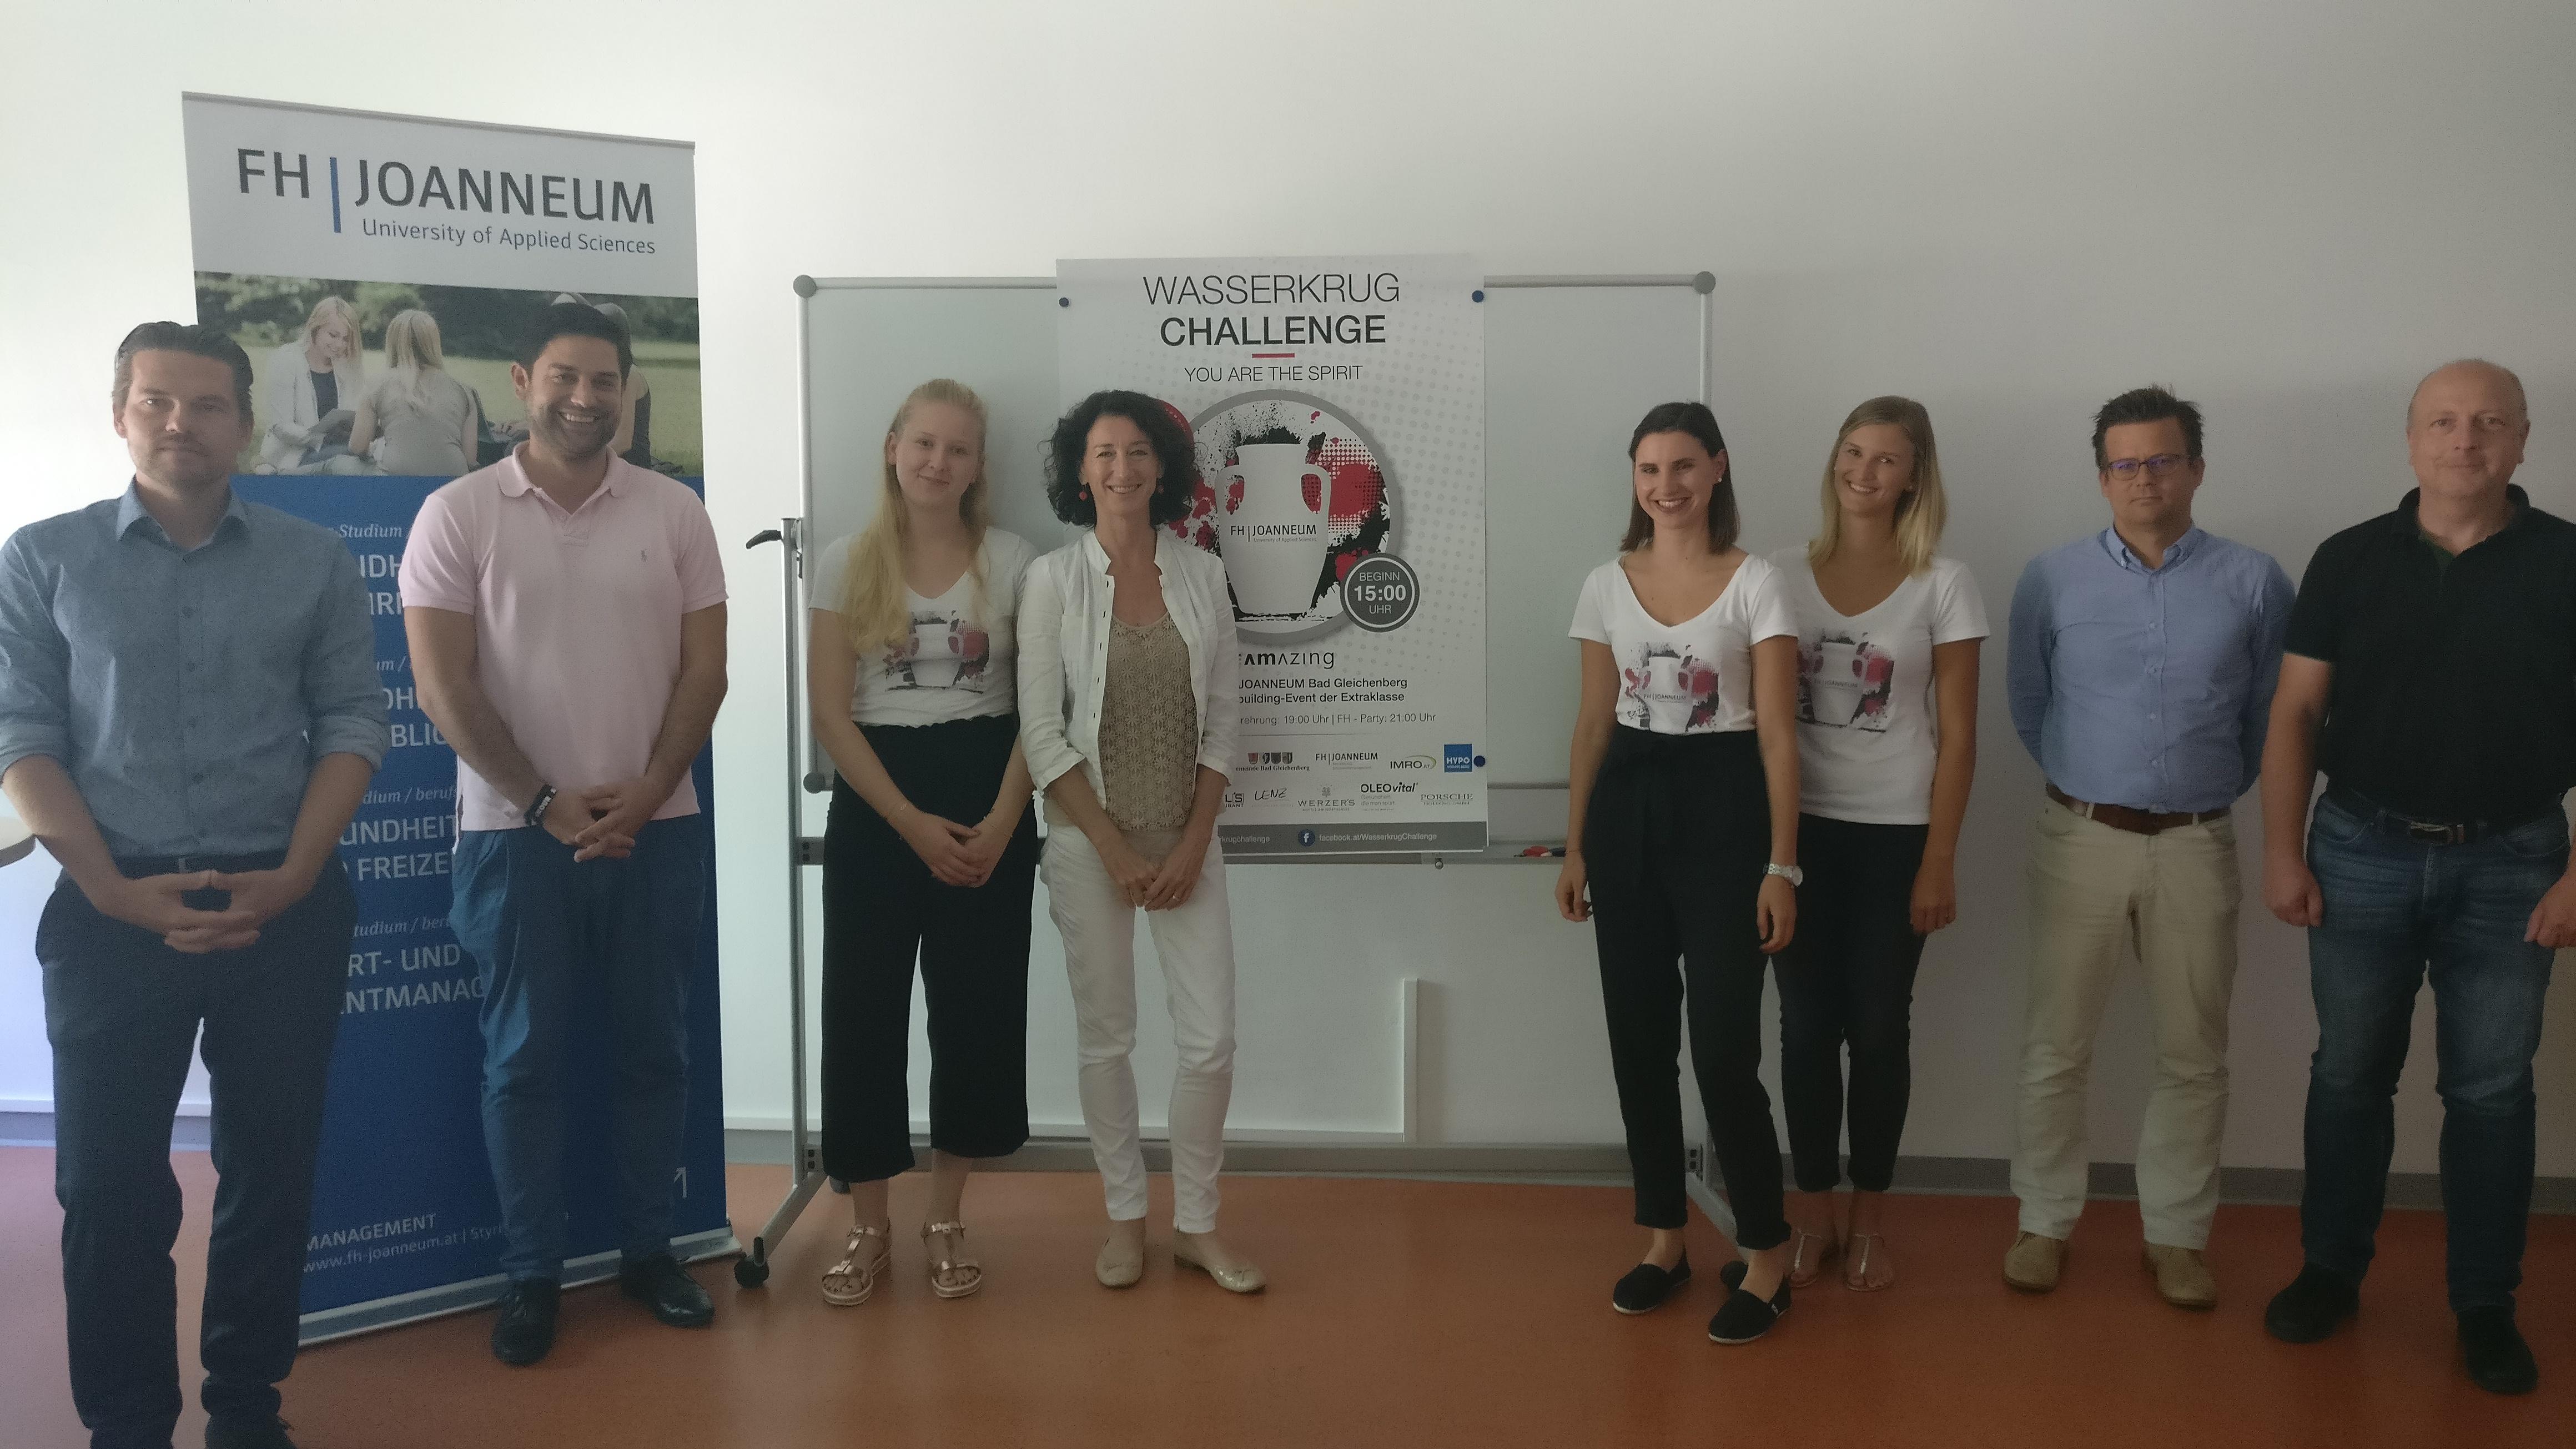 Studierende vor einem Plakat